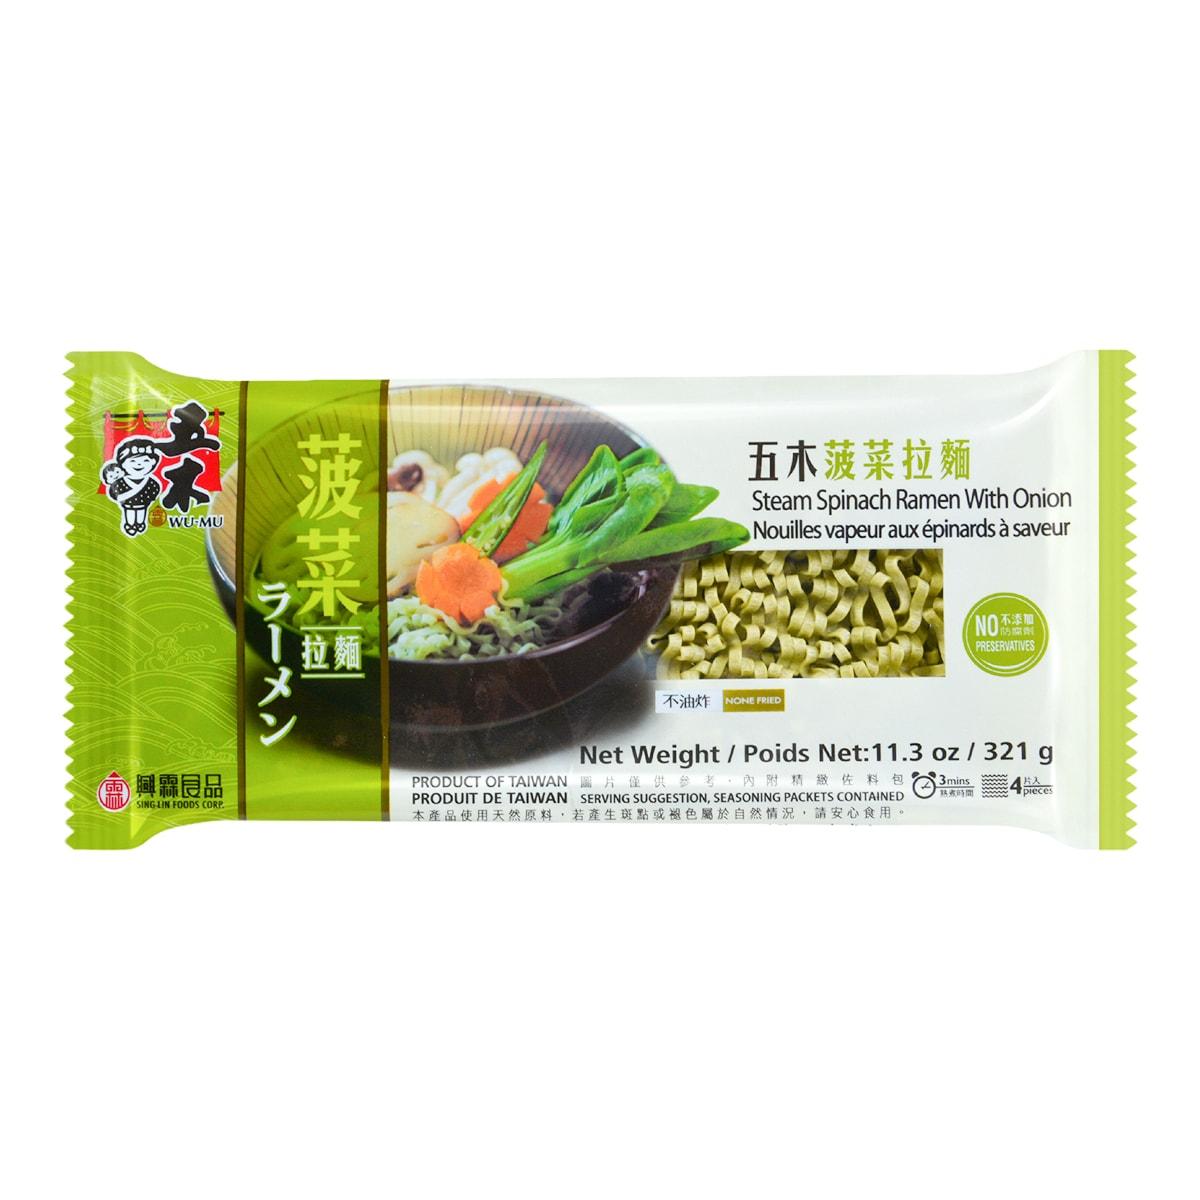 台湾五木 菠菜拉面 不添加防腐剂 321g